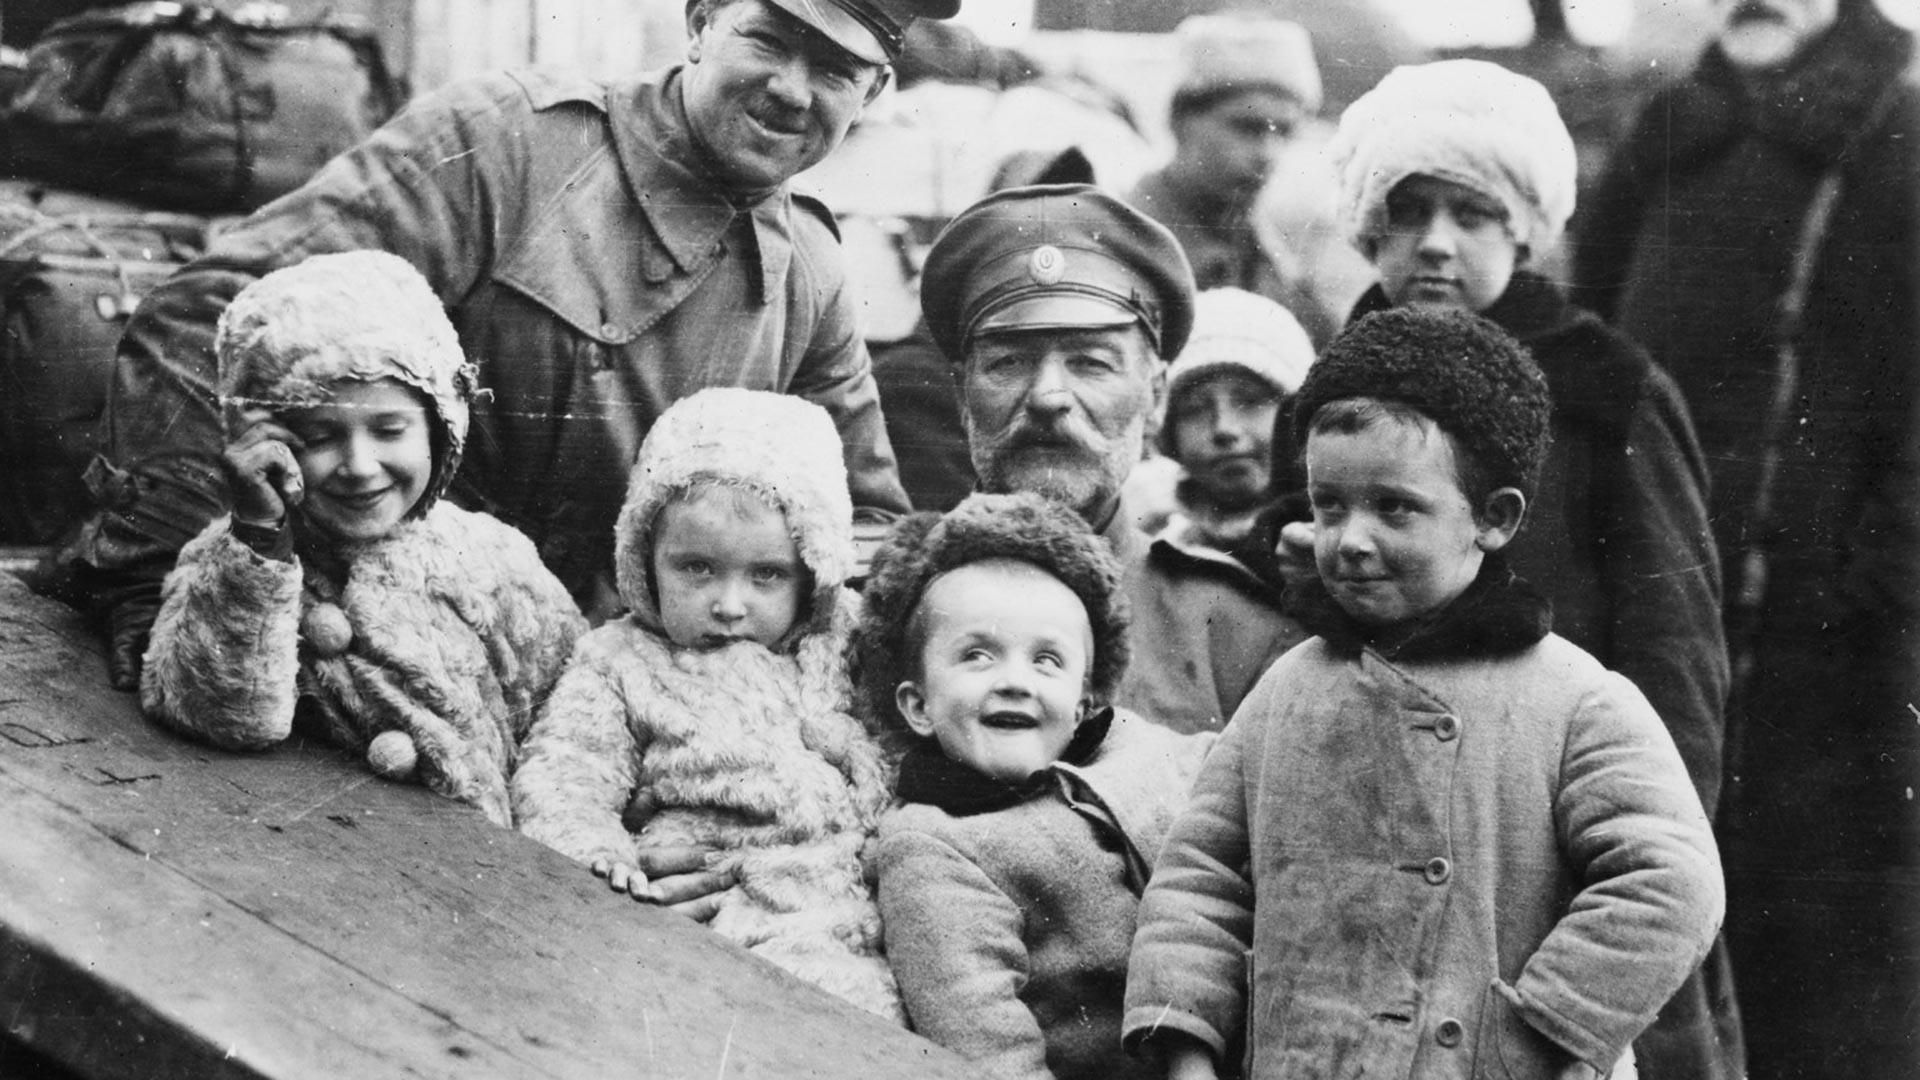 Сред новоросийските бежанци на борда на кораба Steamer Sangammon има тридесет сираци